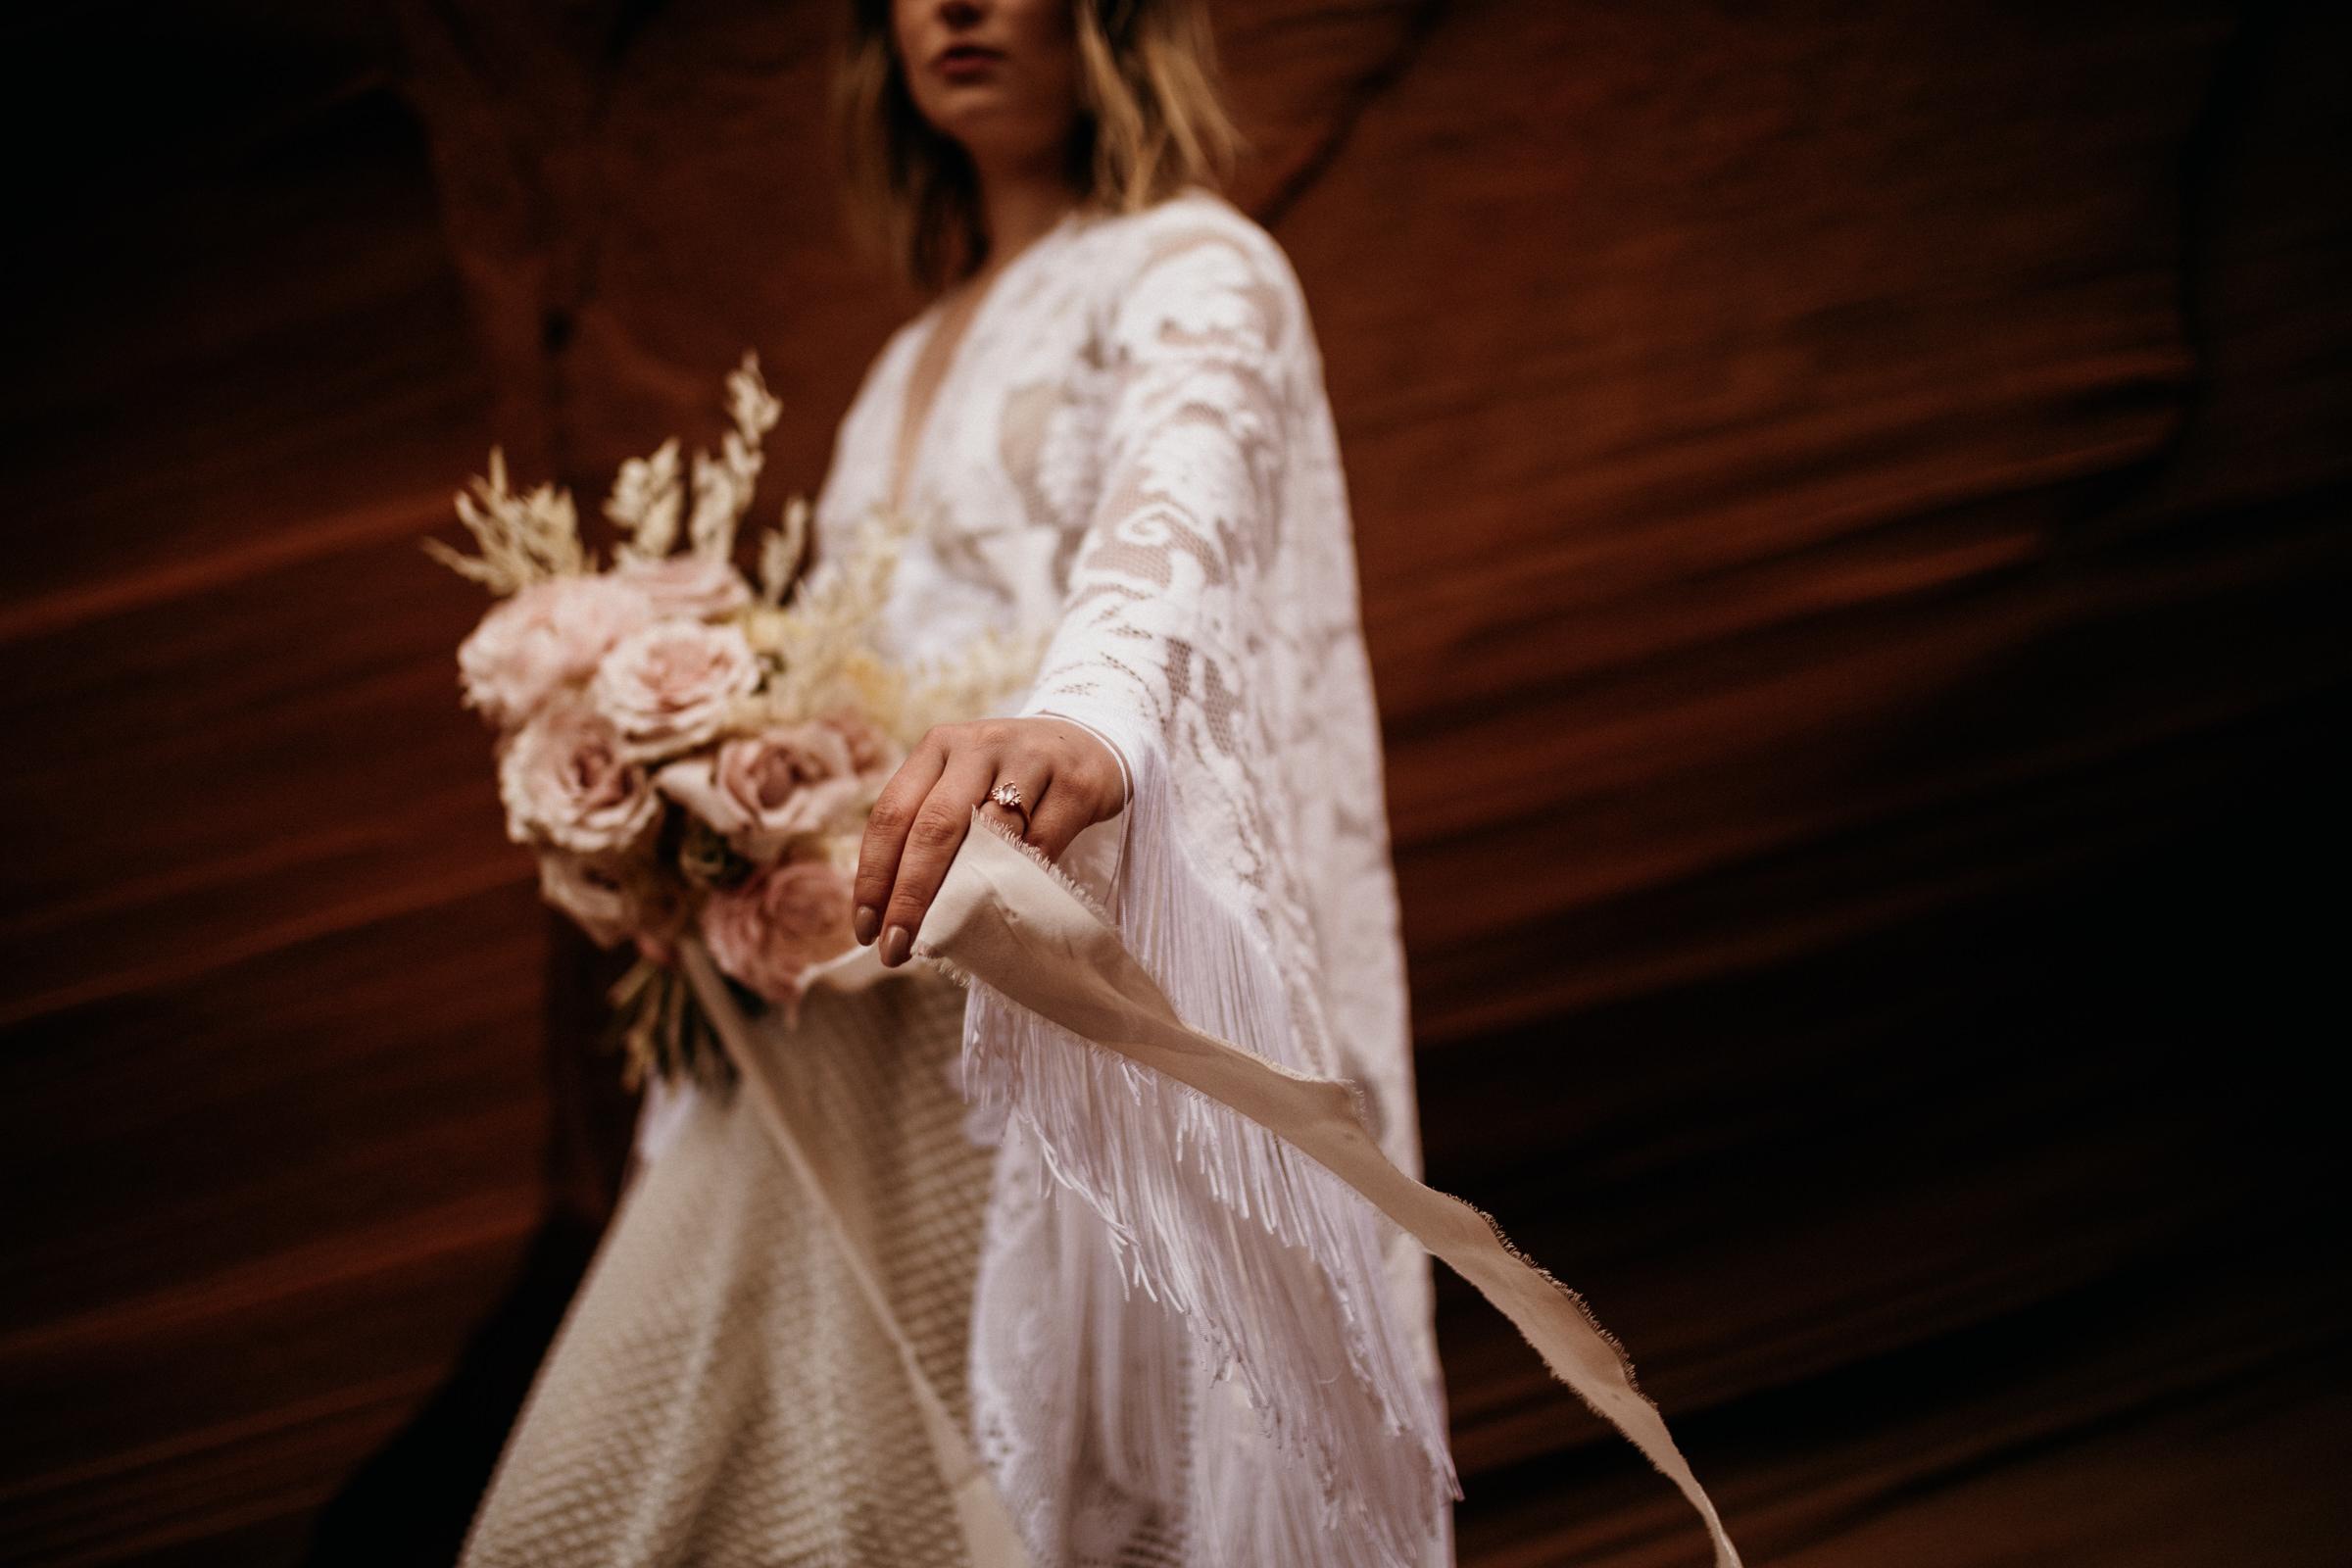 details-of-boho-bride-in-fringe-wedding-dress.jpg